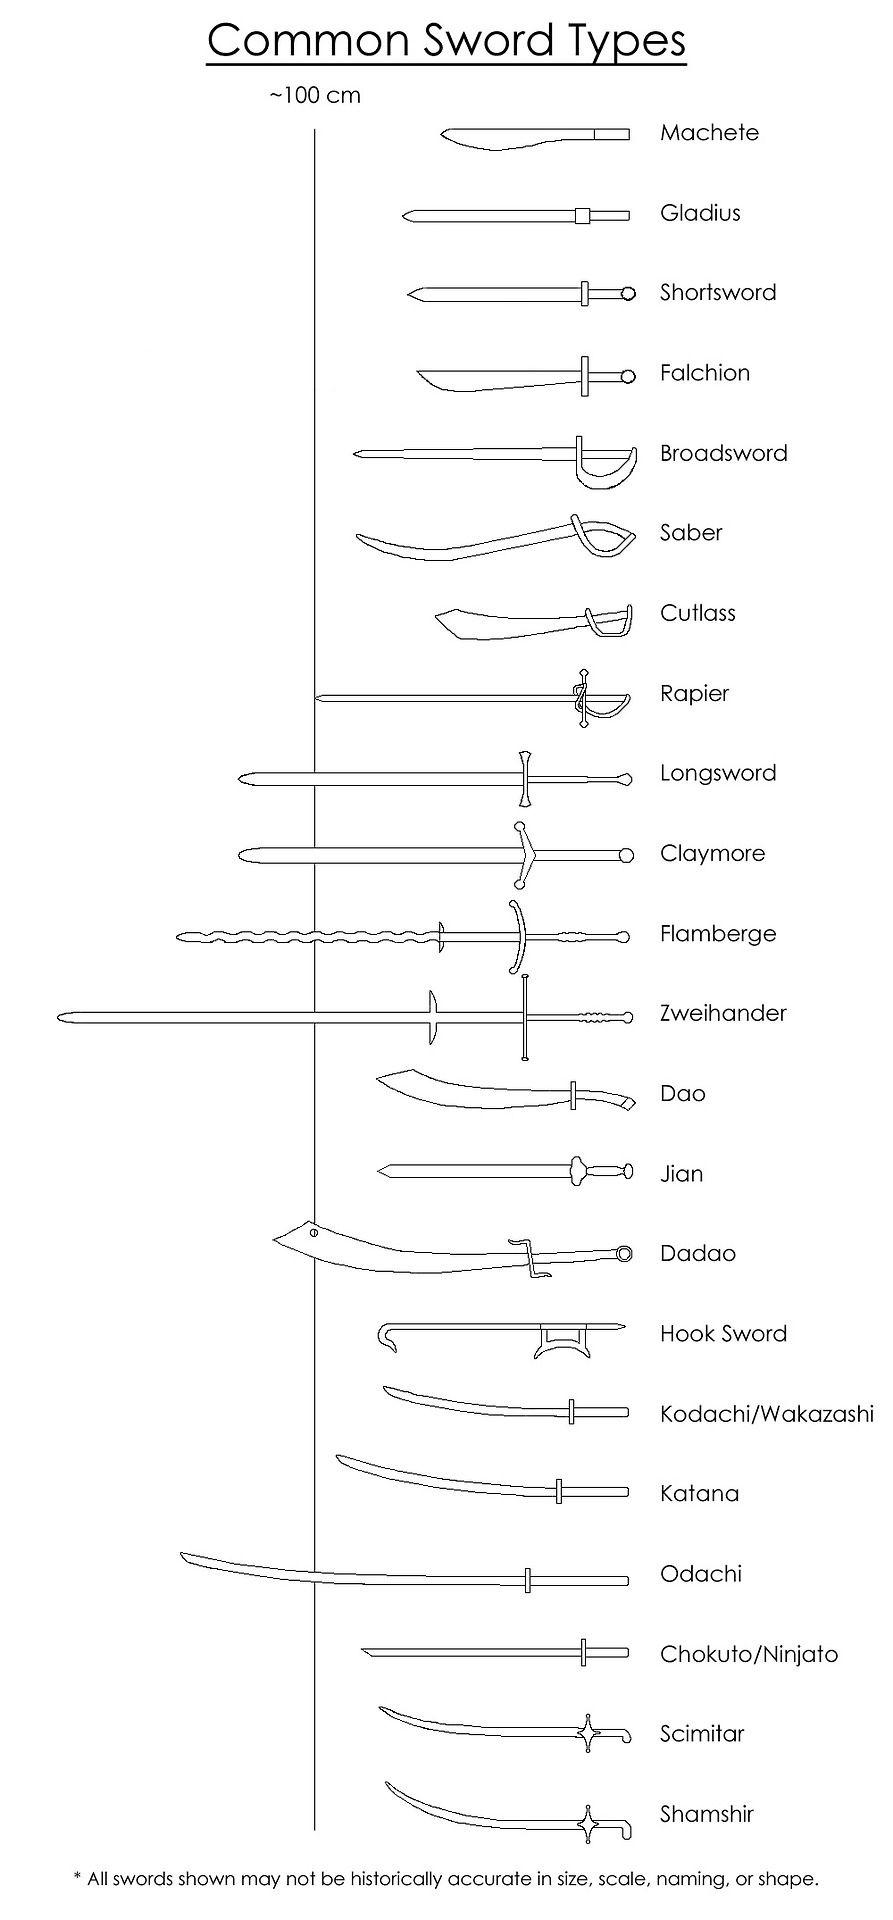 common sword types | Guns, Hntg, Fshng | Pinterest